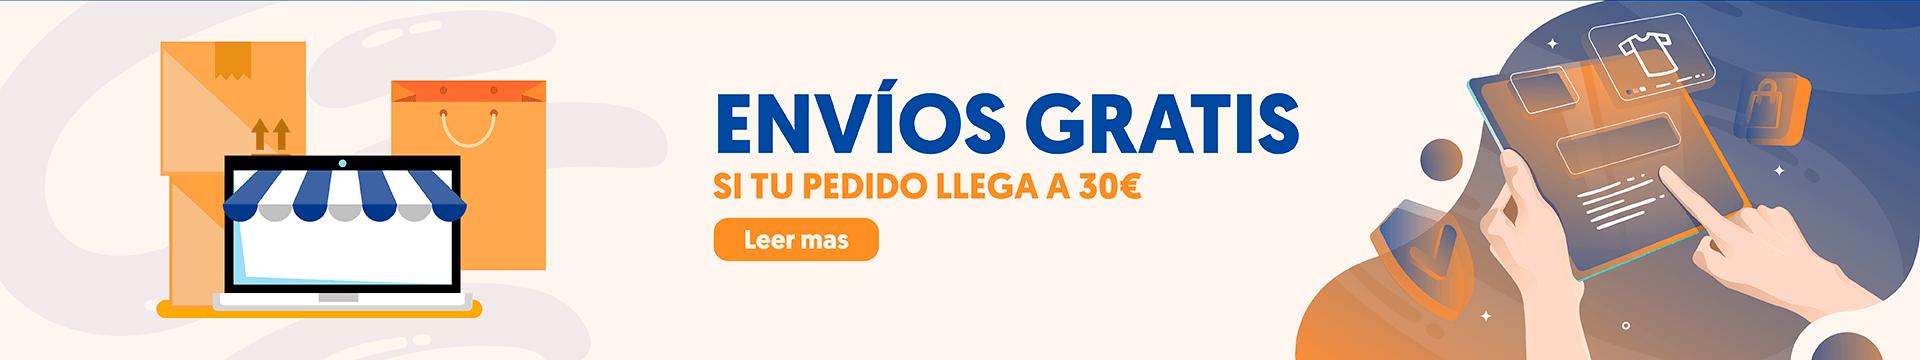 Envío gratis si llegas a 30€